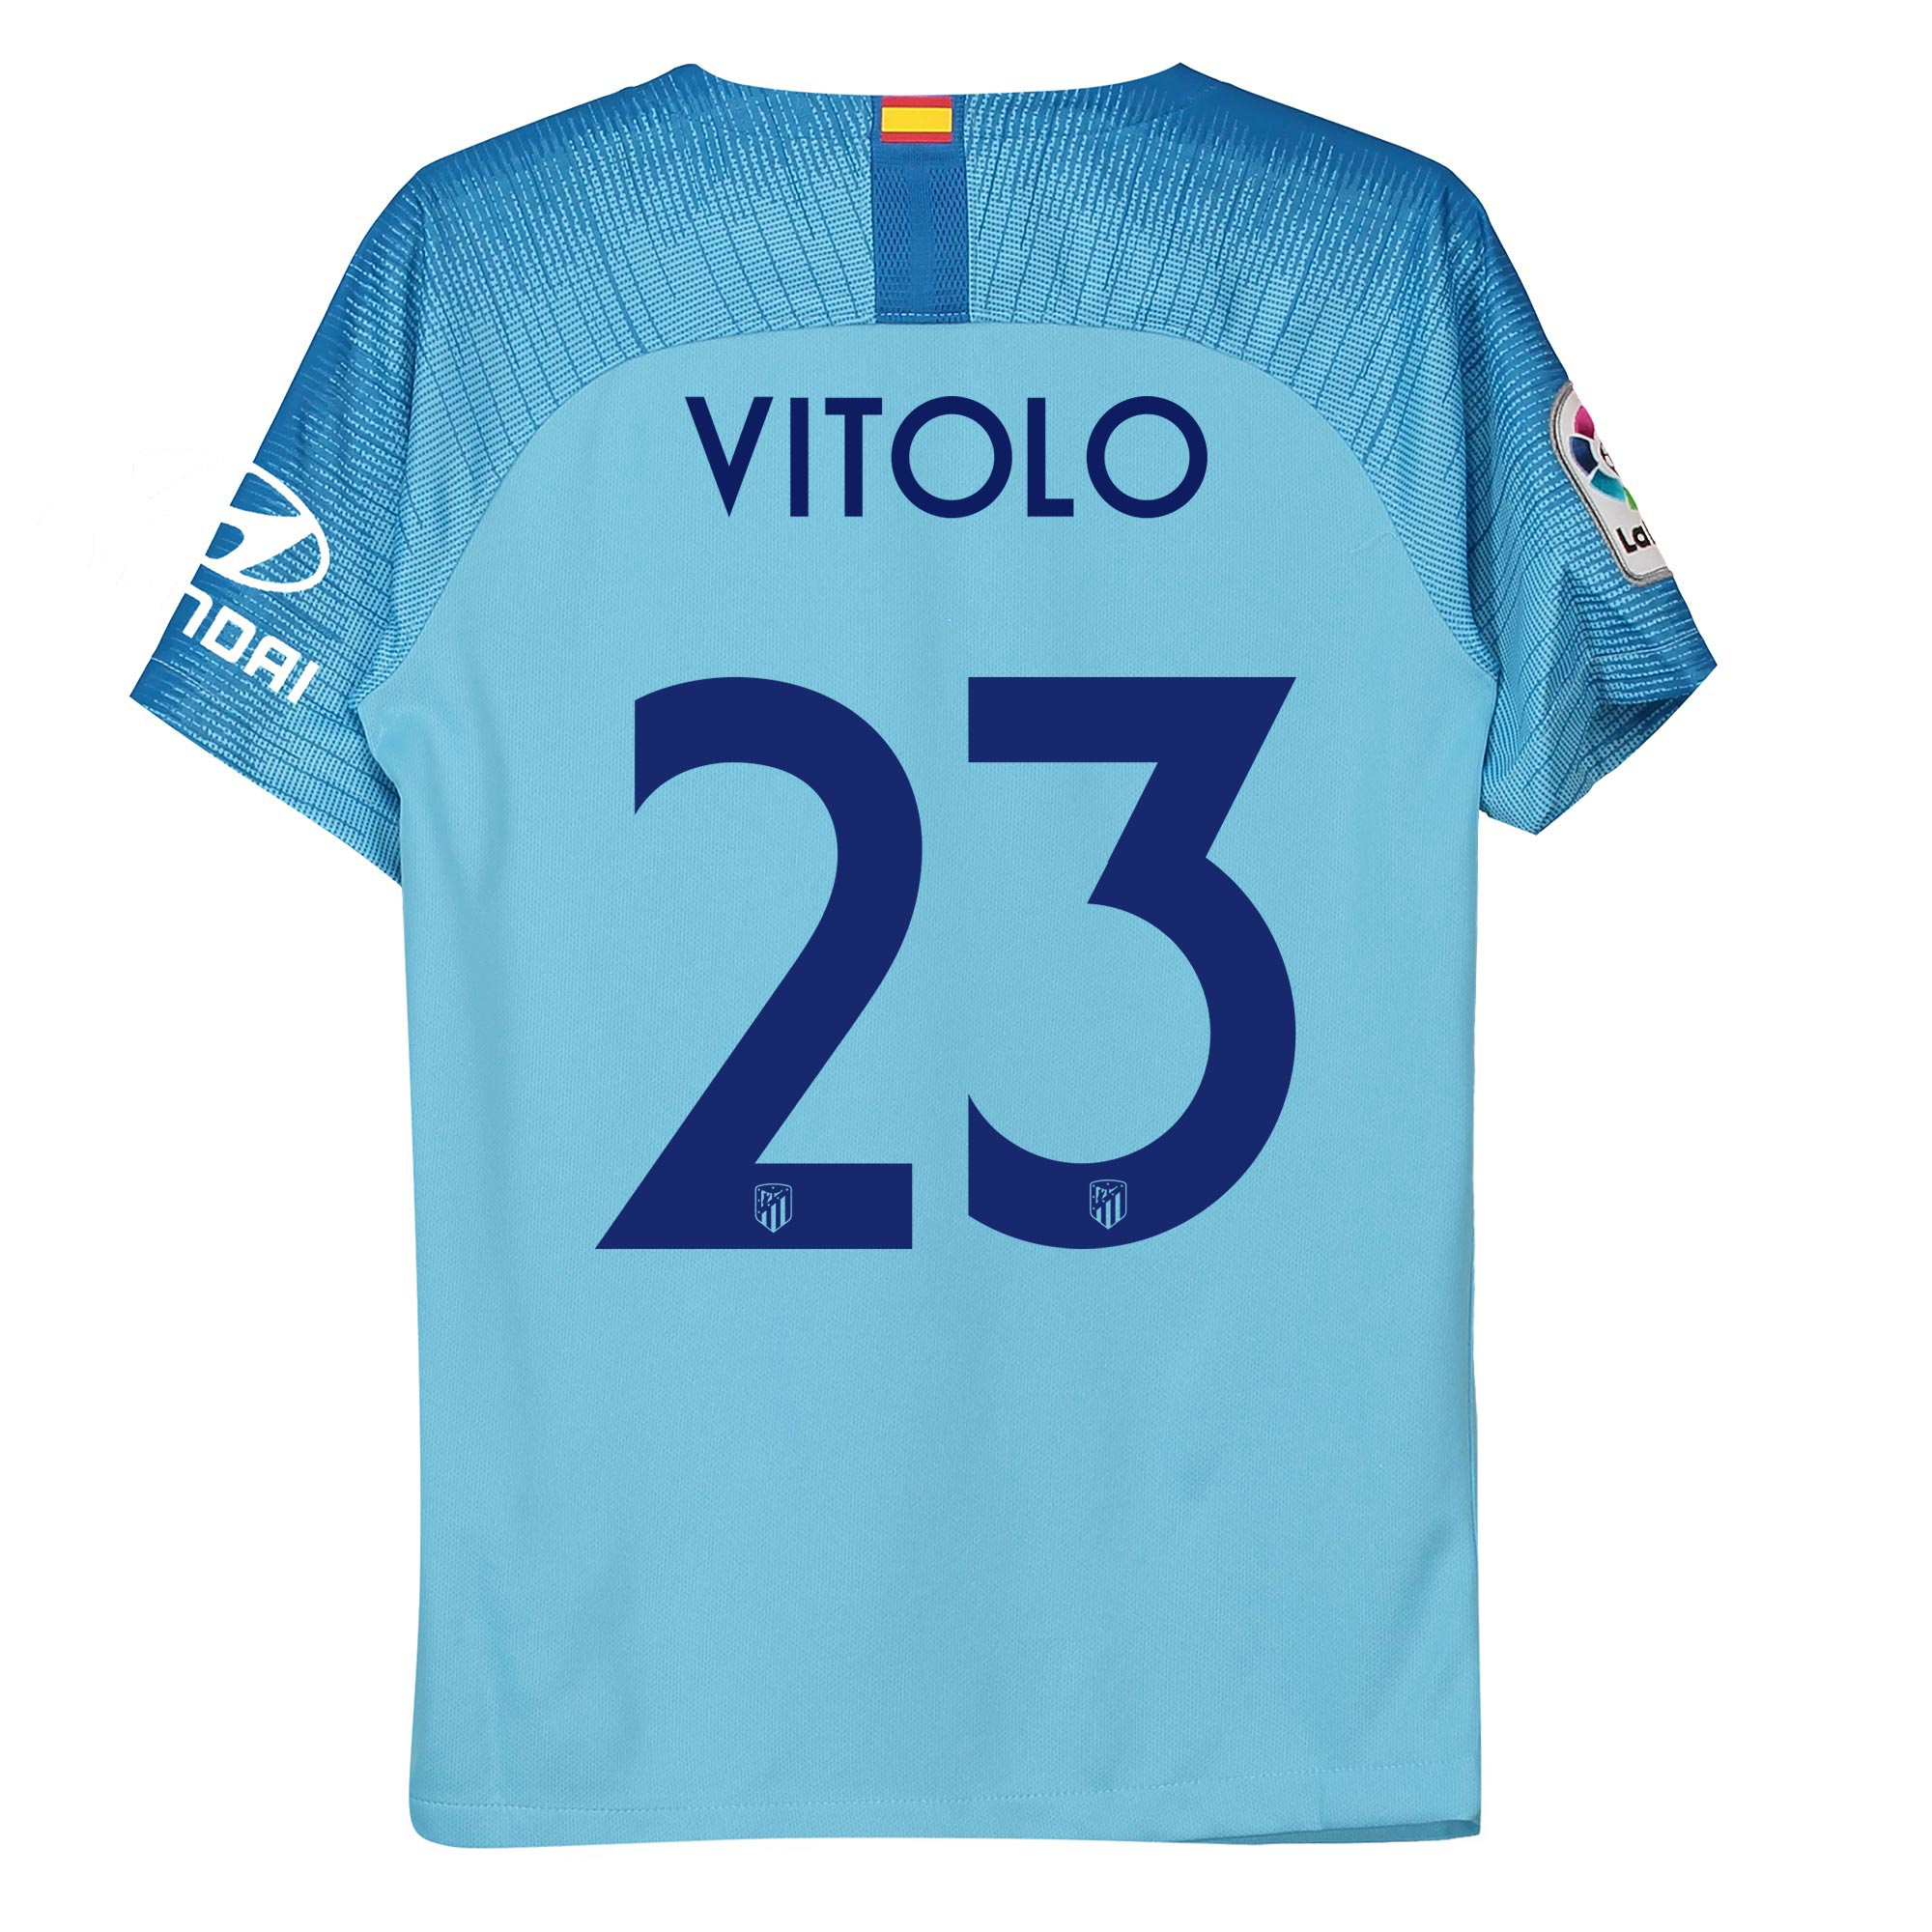 Camiseta Stadium de la 2ª equipación del Atlético de Madrid 2018-19 - dorsal edición especial Metropolitano - Niño dorsal Vitolo 23 precio